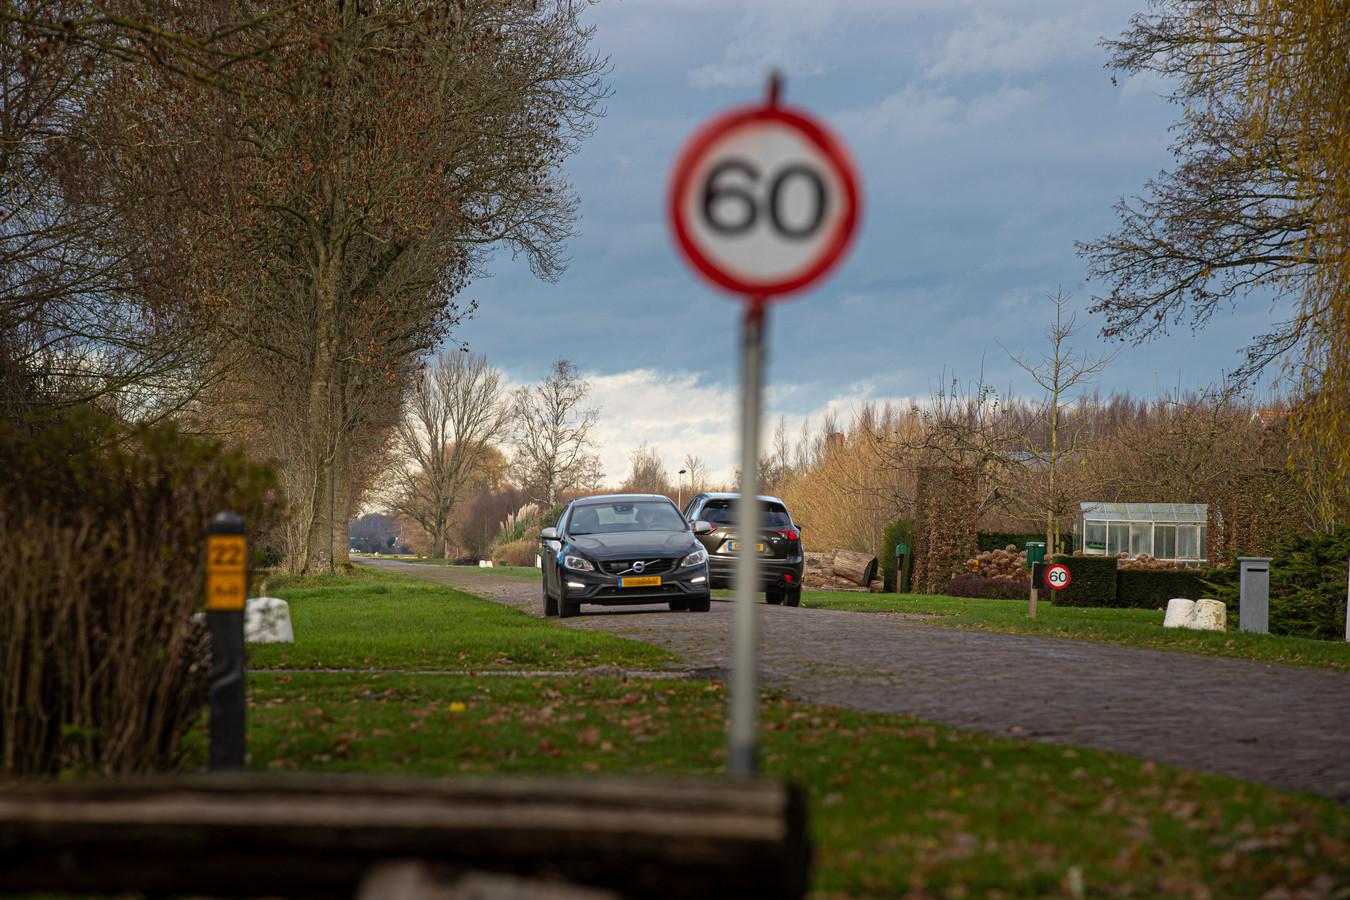 De Voorsterweg in Marknesse, een buitenweg in de gemeente Noordoostpolder.